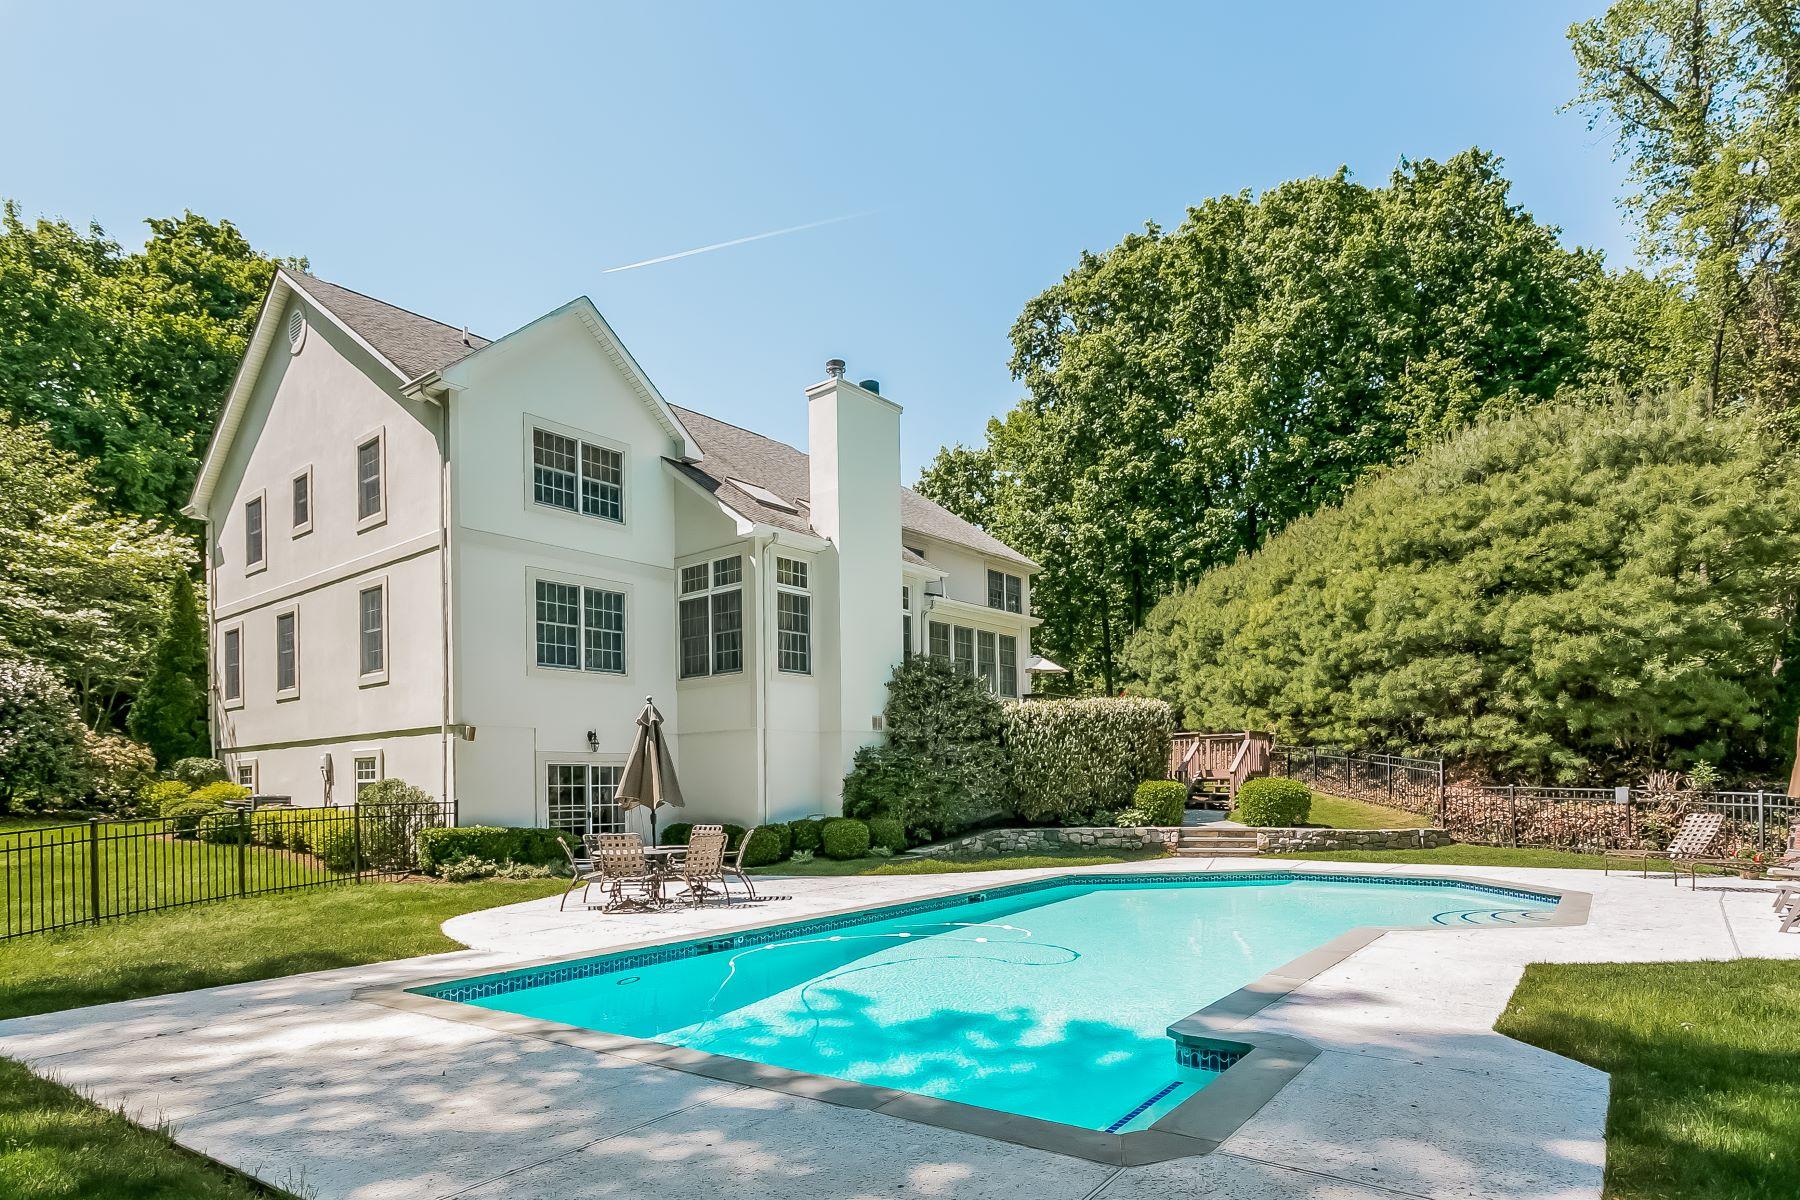 واحد منزل الأسرة للـ Sale في 4 Puritan Woods Road Rye, New York, 10580 United States